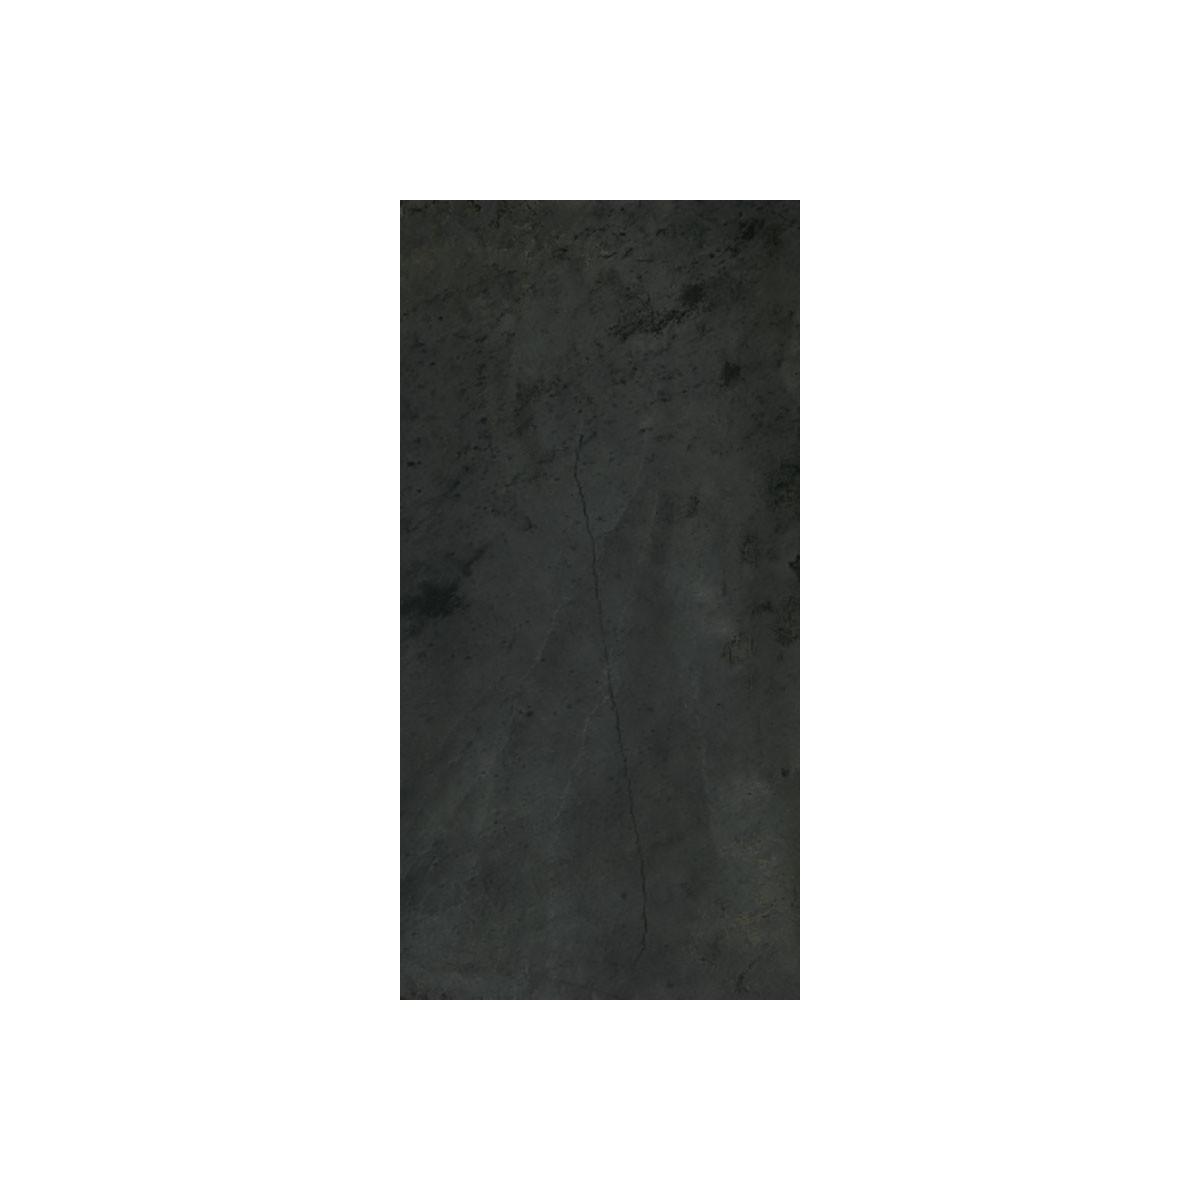 0 Pizarra natural flexible FT3001 / FS6001 (ud)